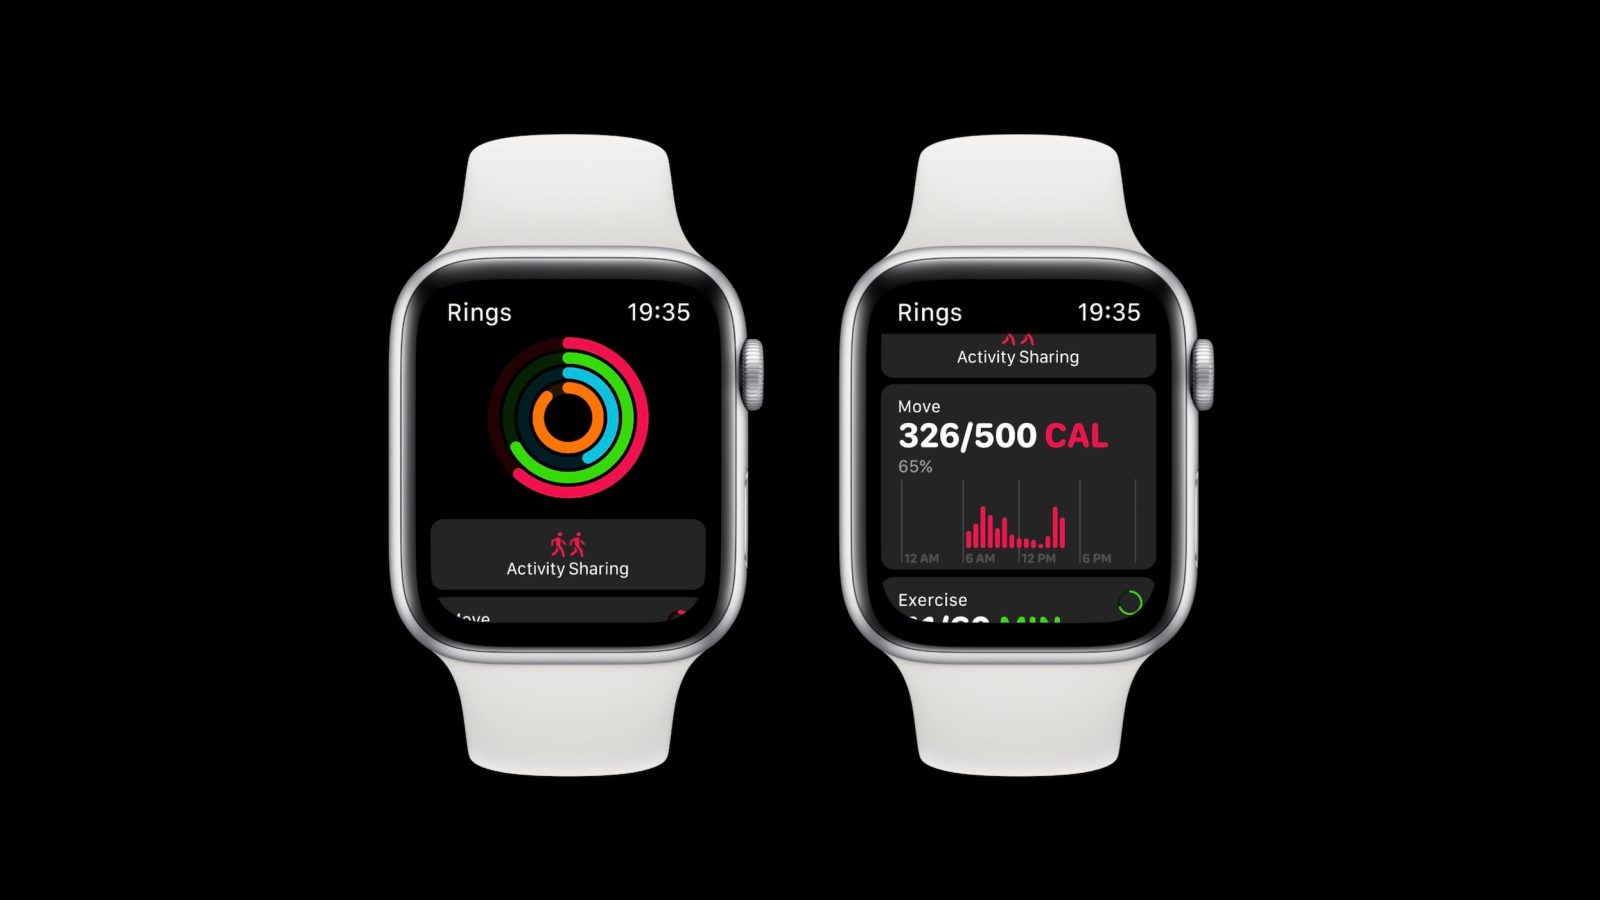 Kdy očekávat další aktualizaci softwaru pro Apple Watch a na jaké novinky se můžeme těšit?